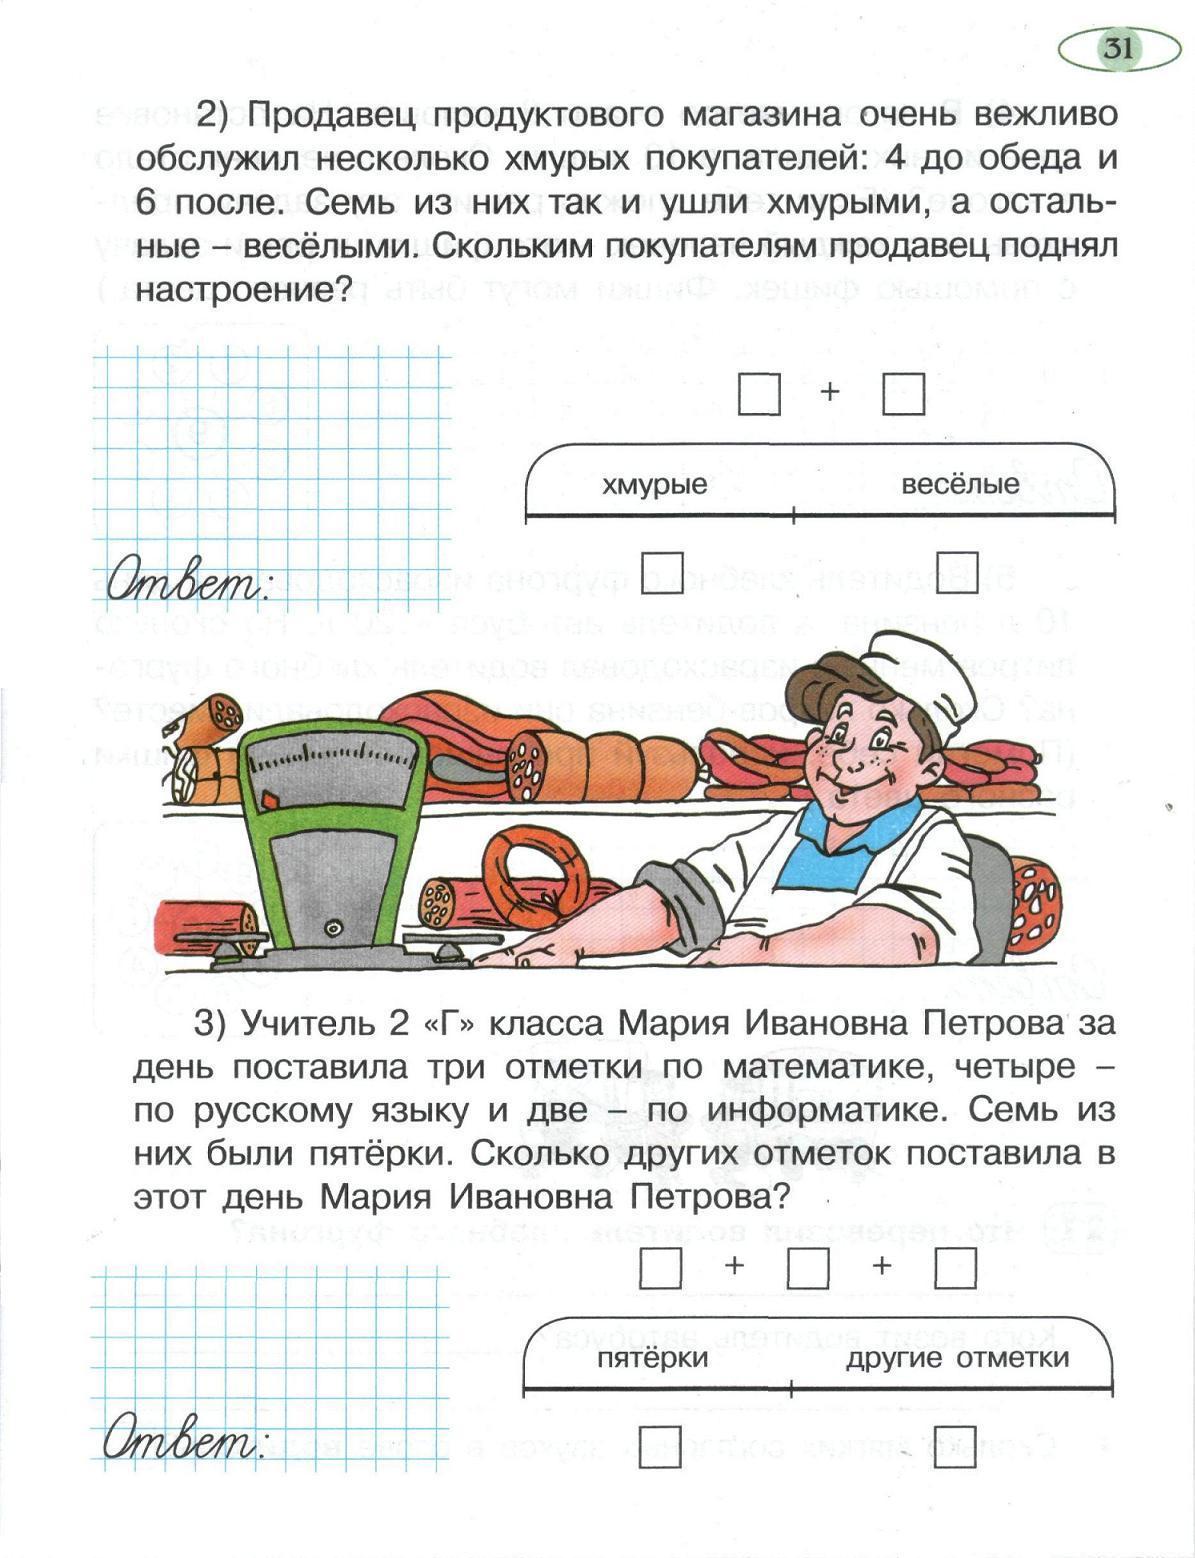 Задачи для первоклассников с картинками